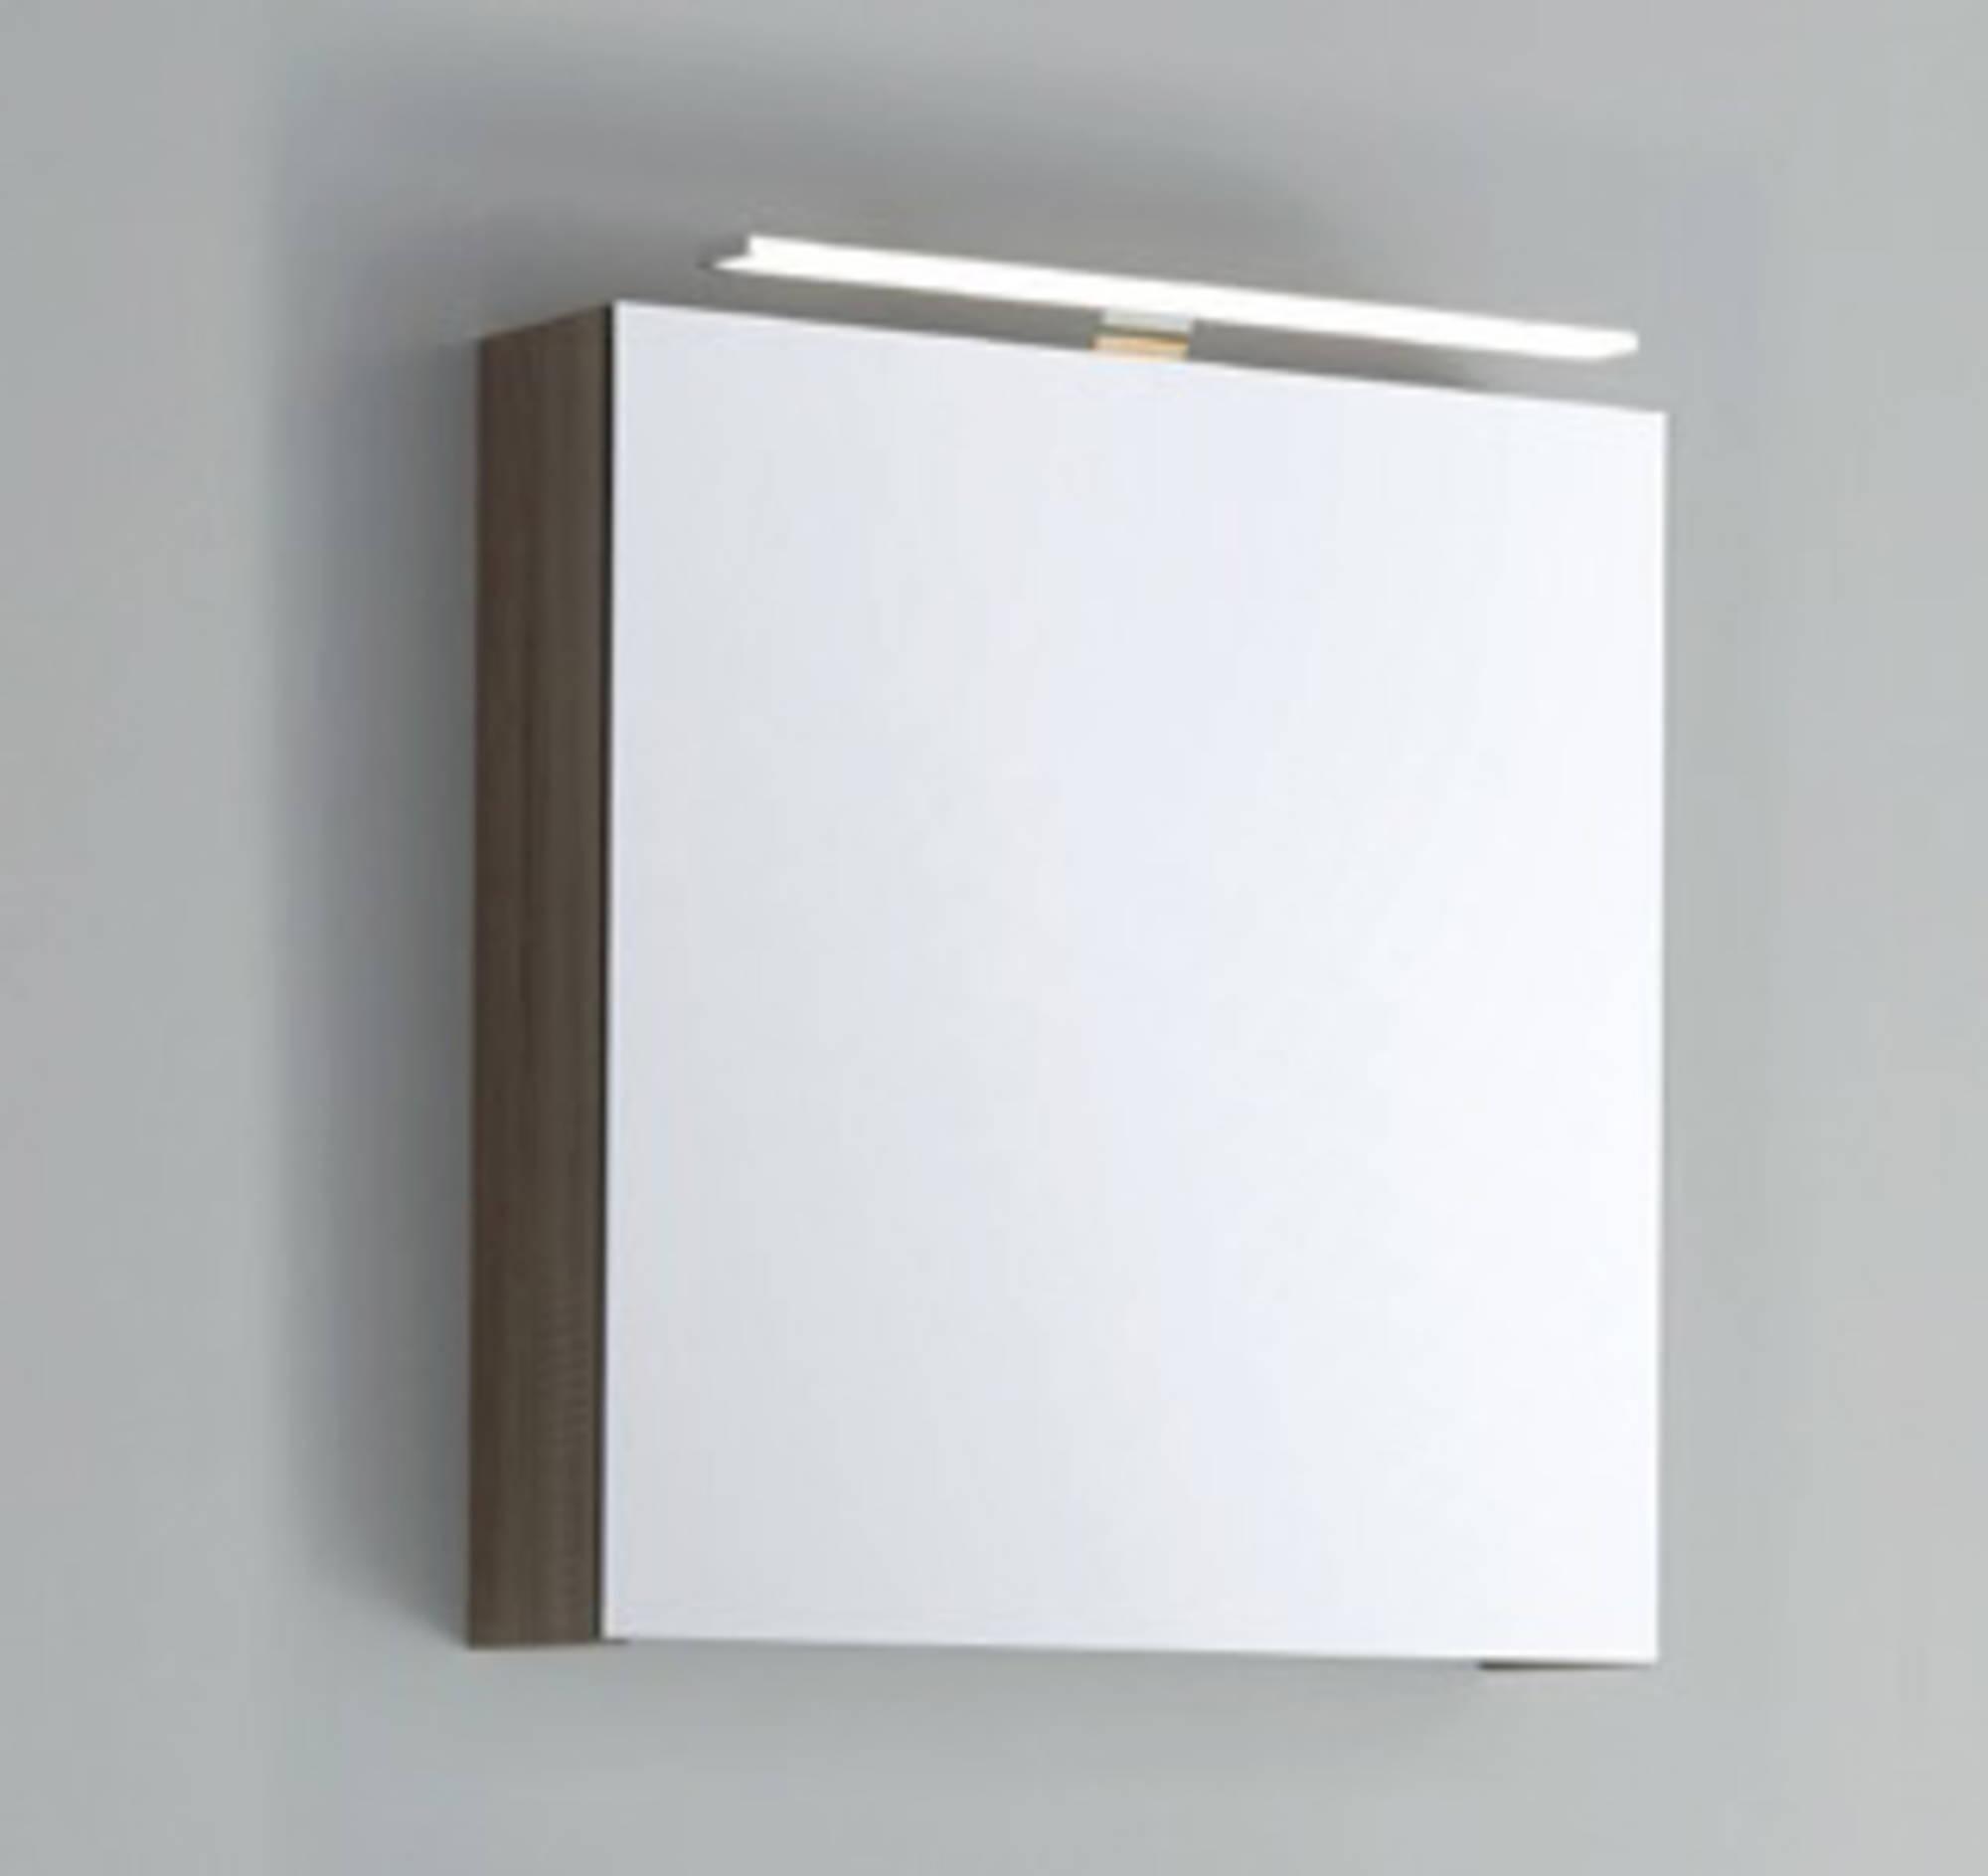 Line 45 Spiegelkast Linksdraaiend 60x13,5x60 cm excl. Verlichting Beton Zilver